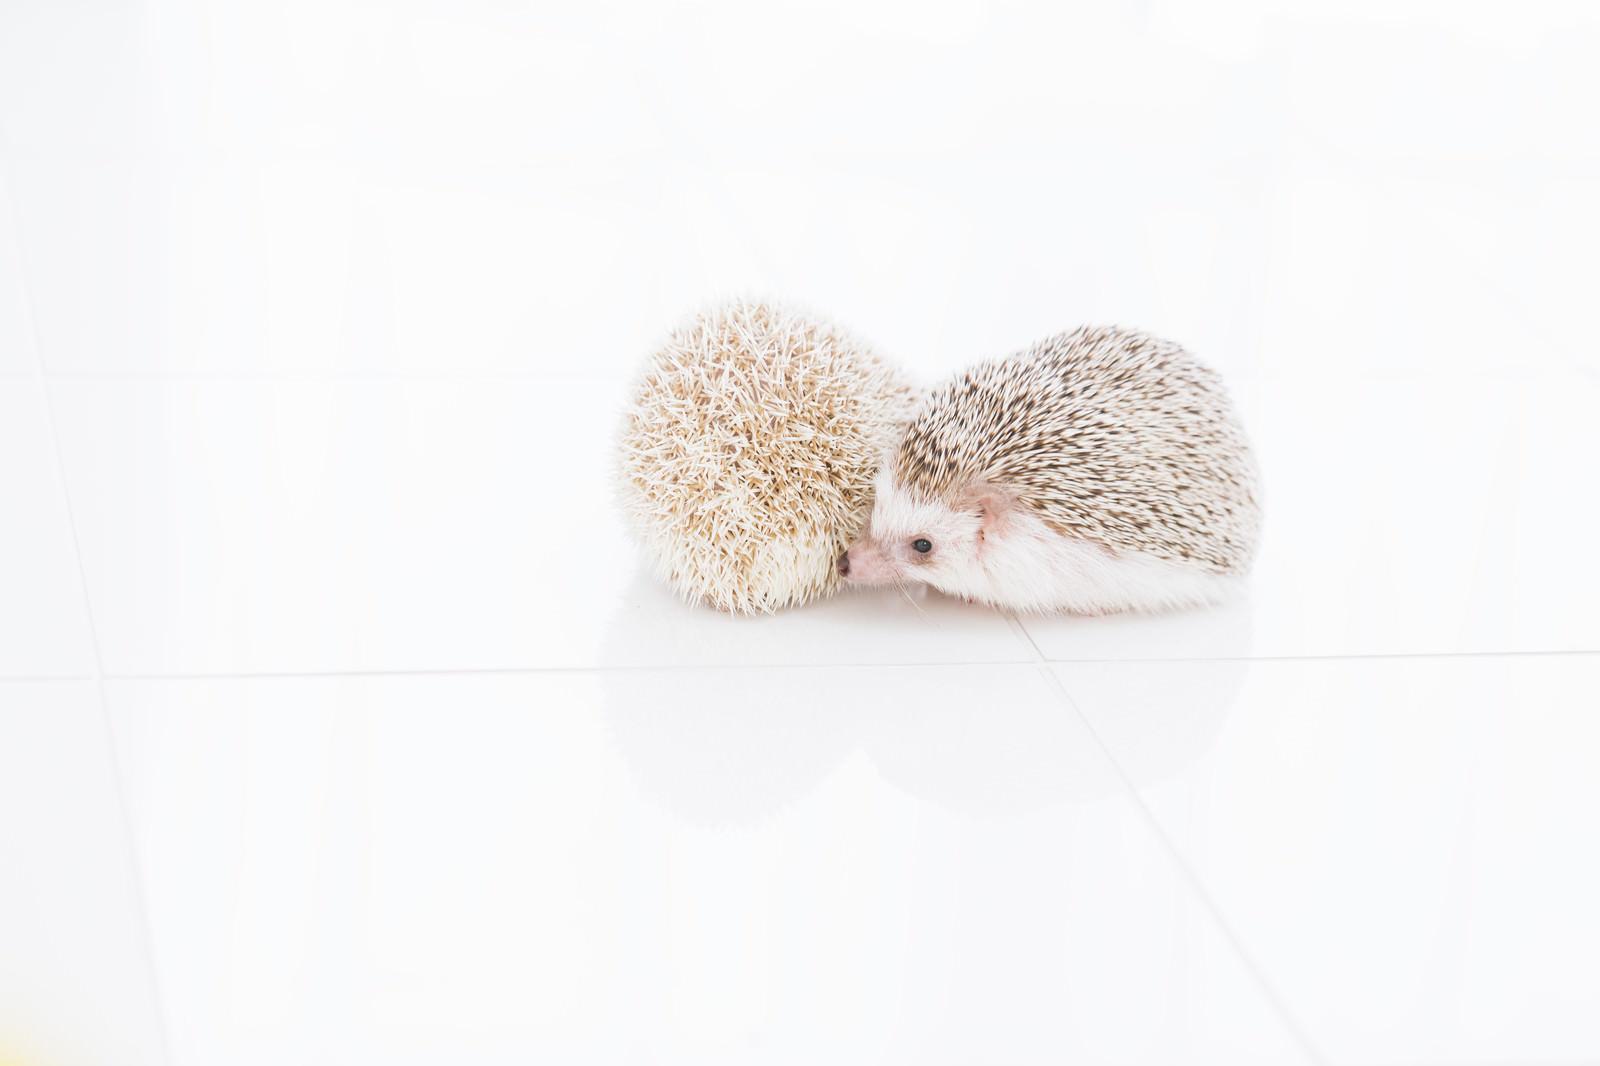 「寄り添う二匹のハリネズミ寄り添う二匹のハリネズミ」のフリー写真素材を拡大